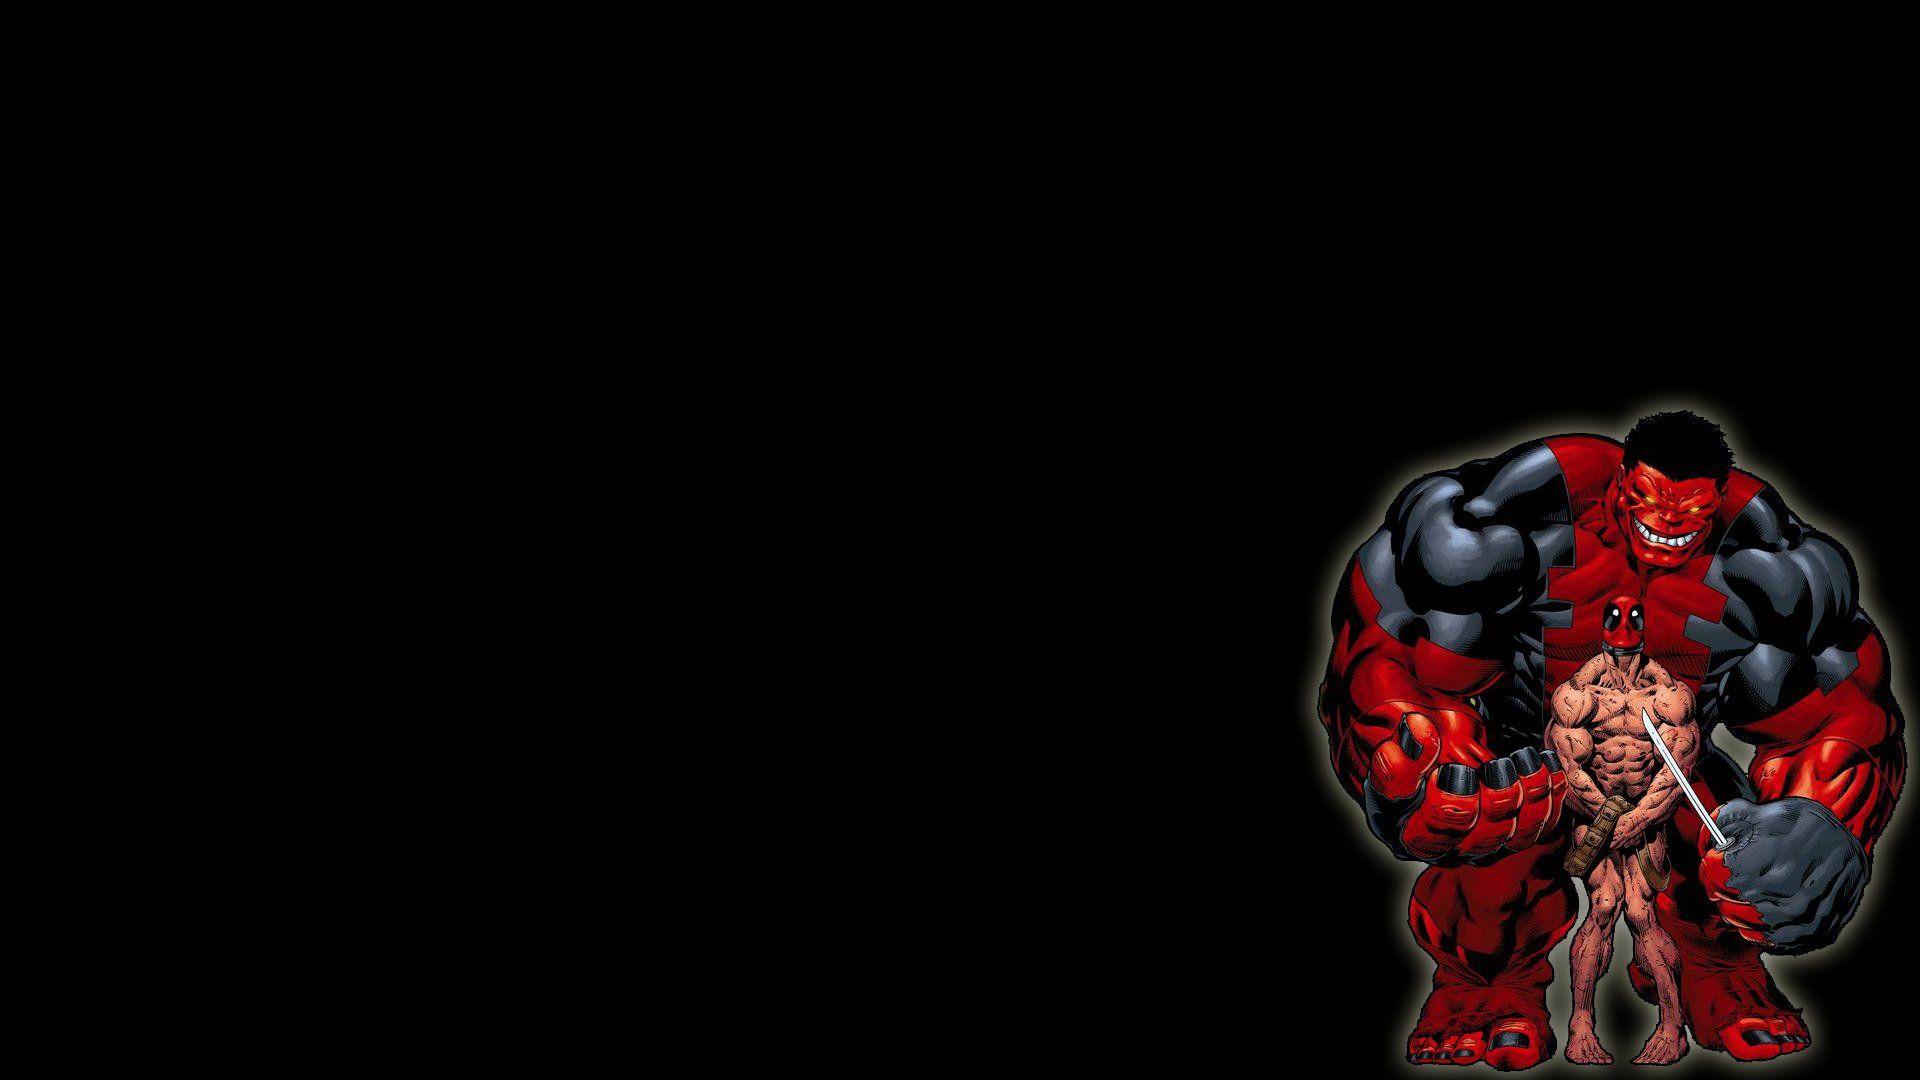 deadpool spiderman wallpapers phone | lepepool | pinterest